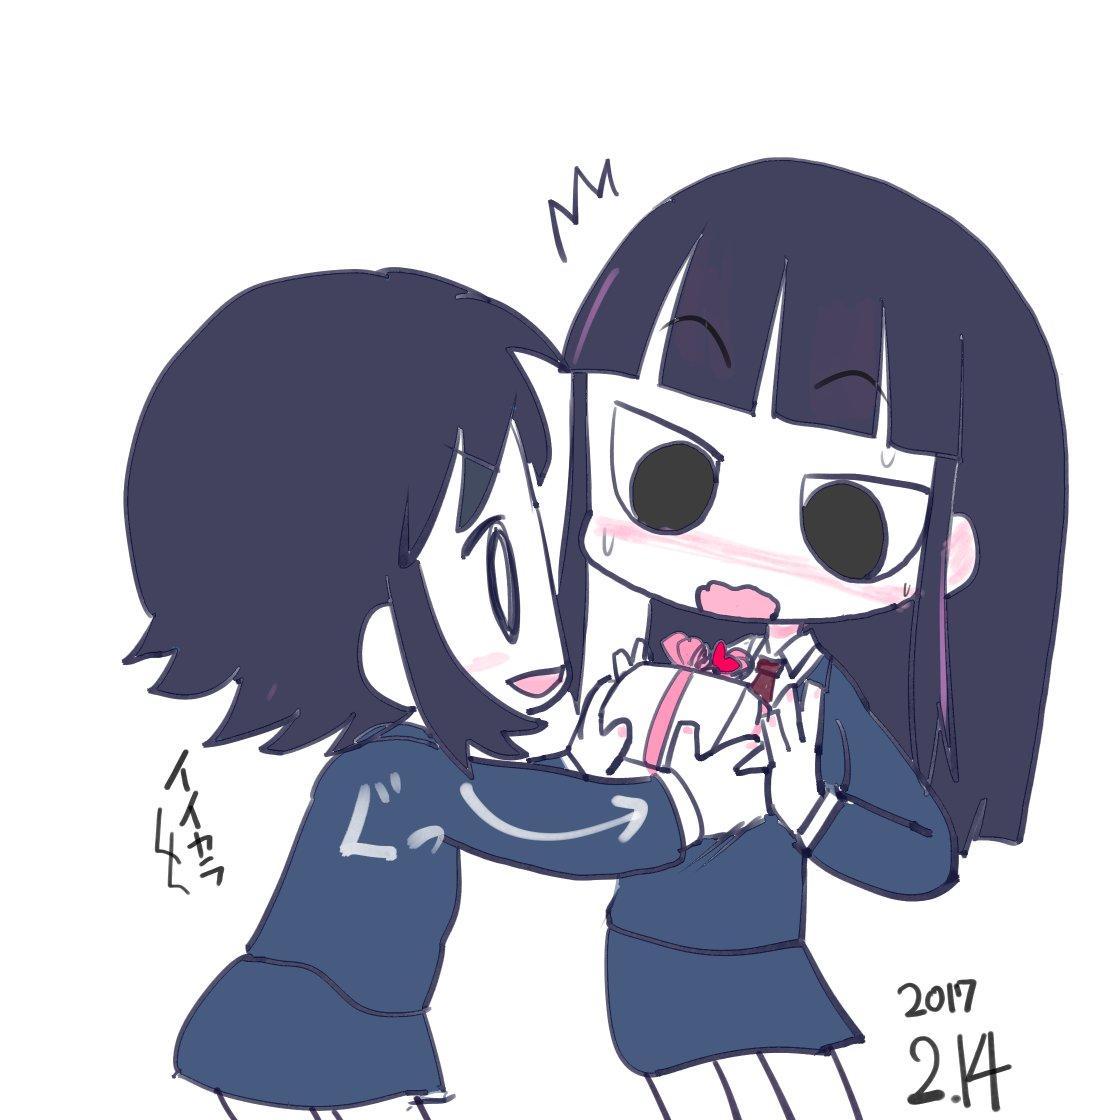 バレンタインさわしお #ド嬢